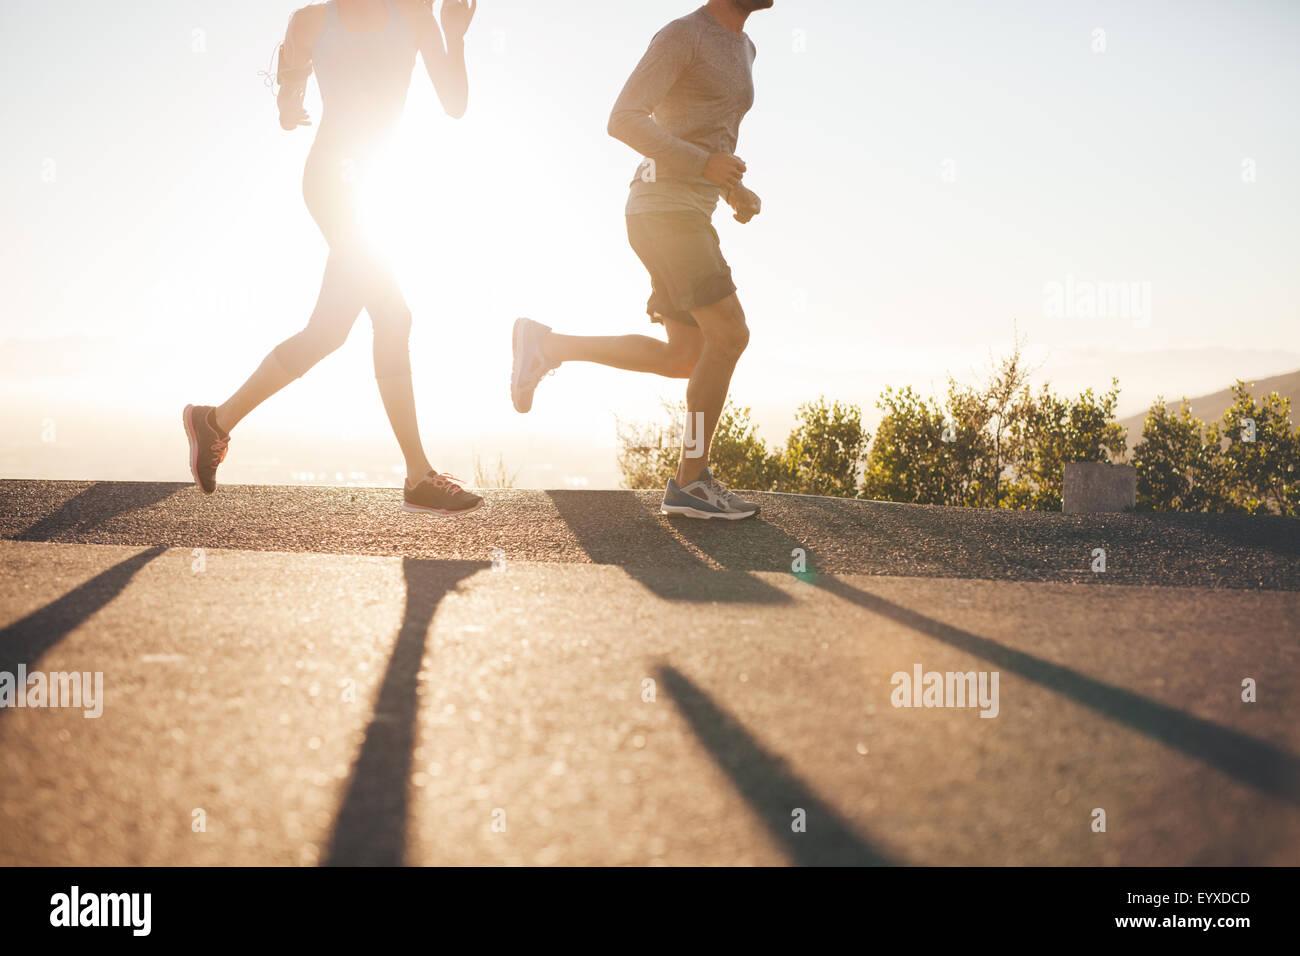 Niedrigen Winkel Blick auf zwei Menschen laufen auf Landstraße bei Sonnenaufgang. Schuss von junger Mann und Stockbild